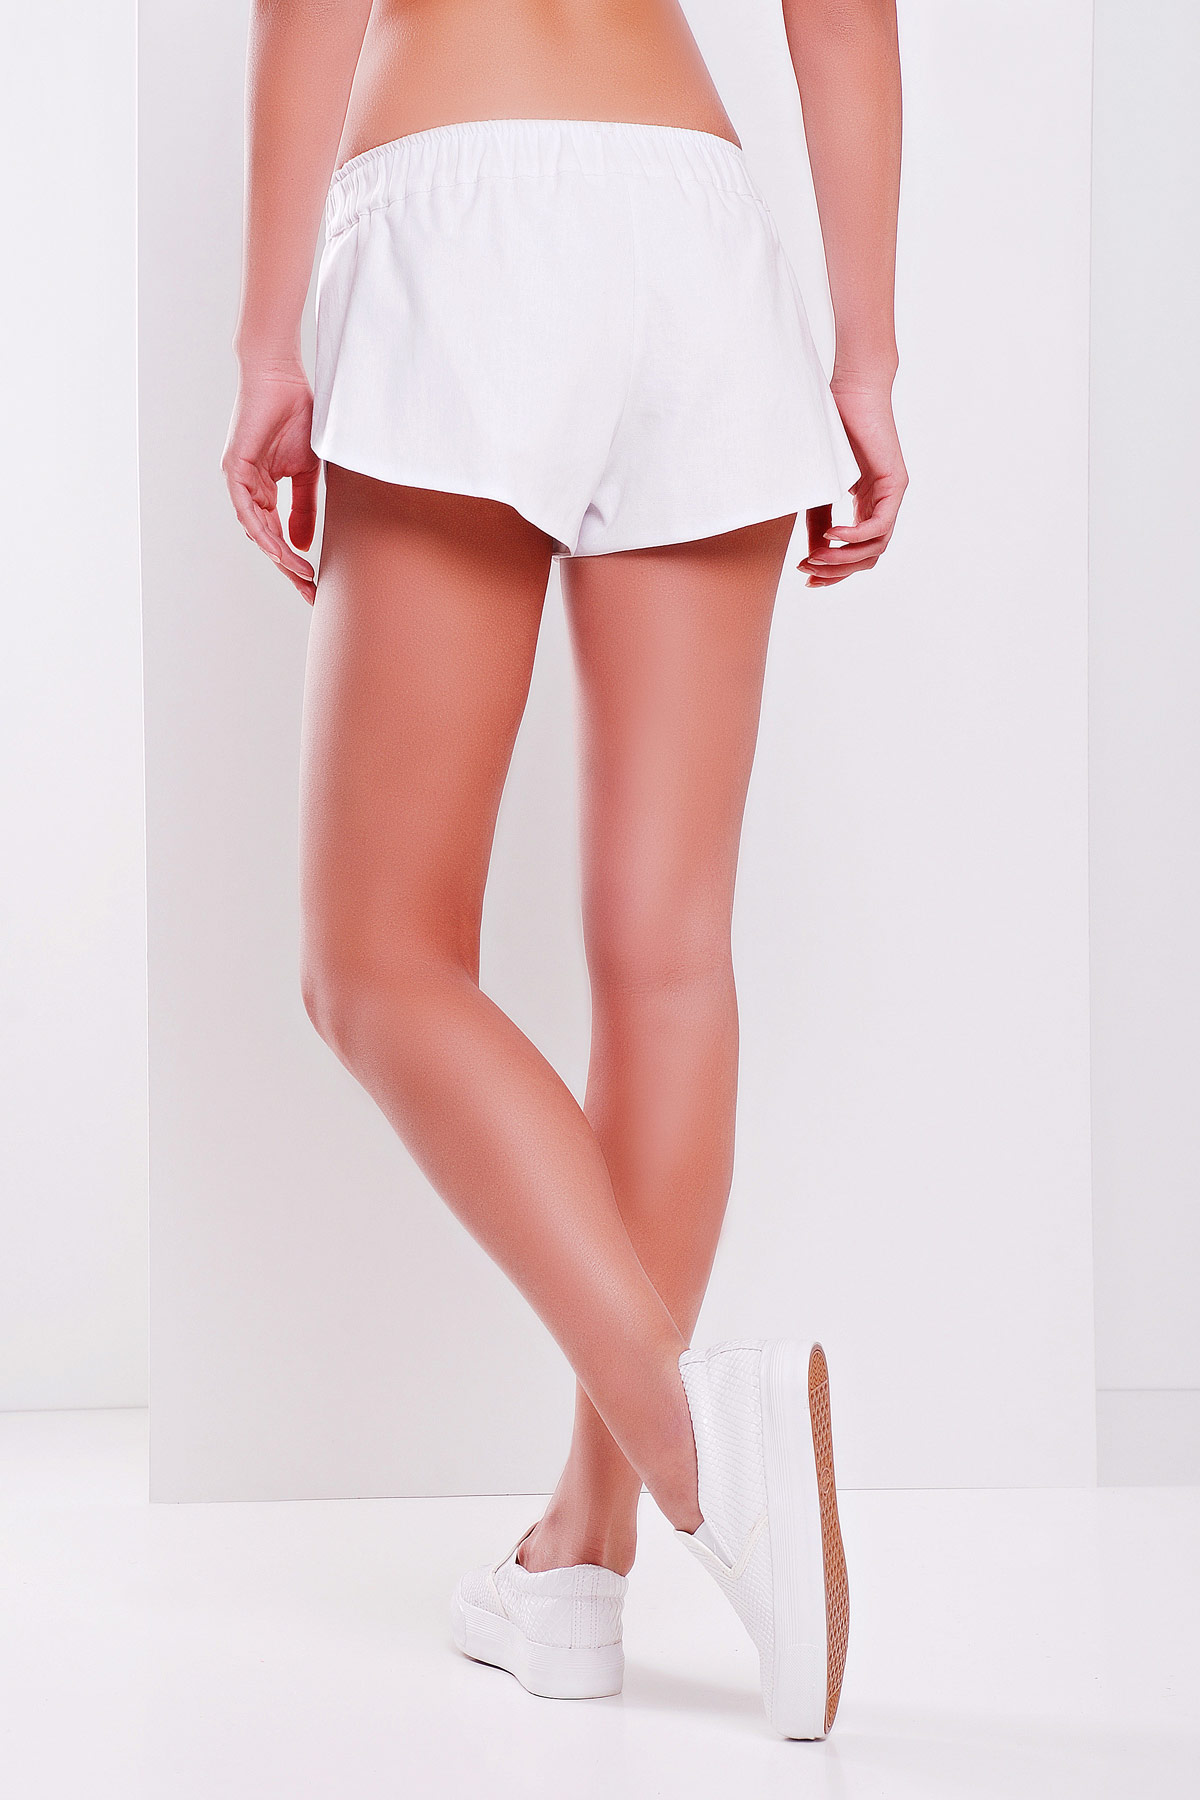 женские короткие черные шорты. шорты Шер. Цвет: белый